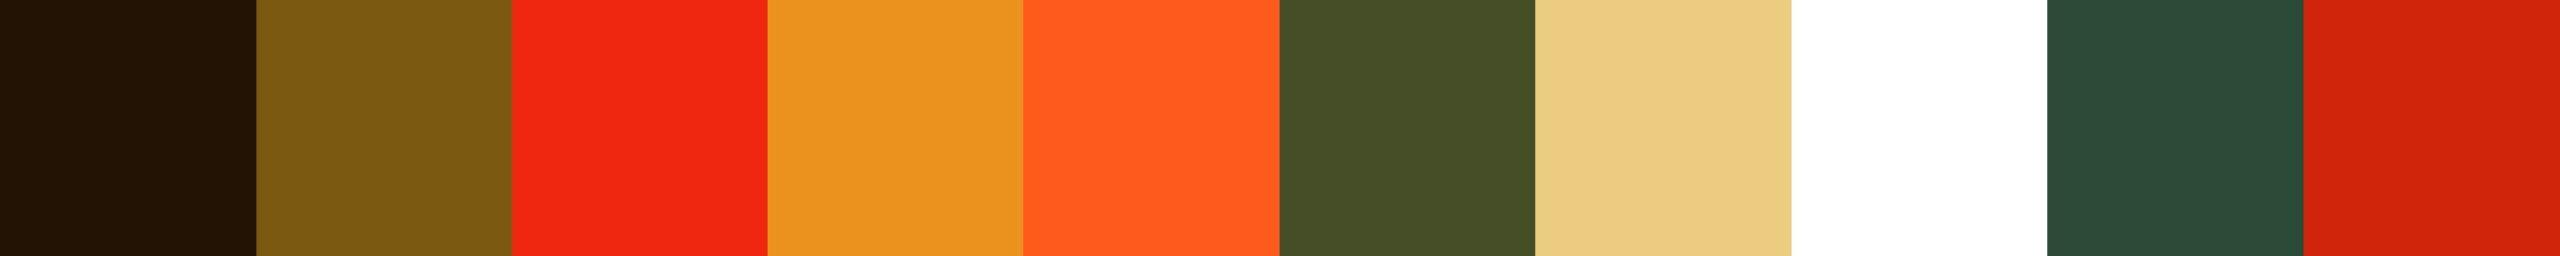 474 Ozocklia Color Palette